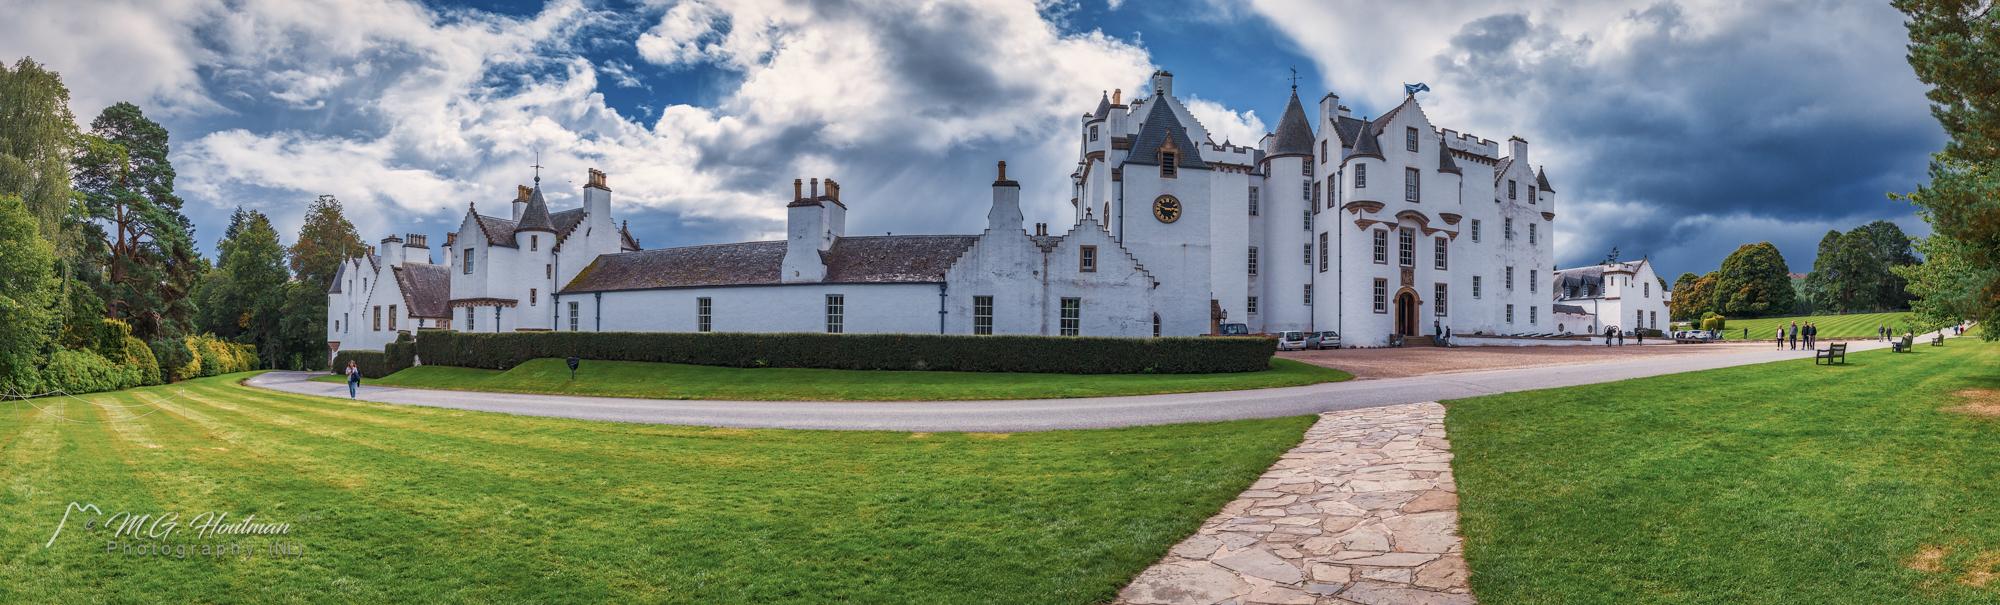 Blair Castle - Scotland (UK)